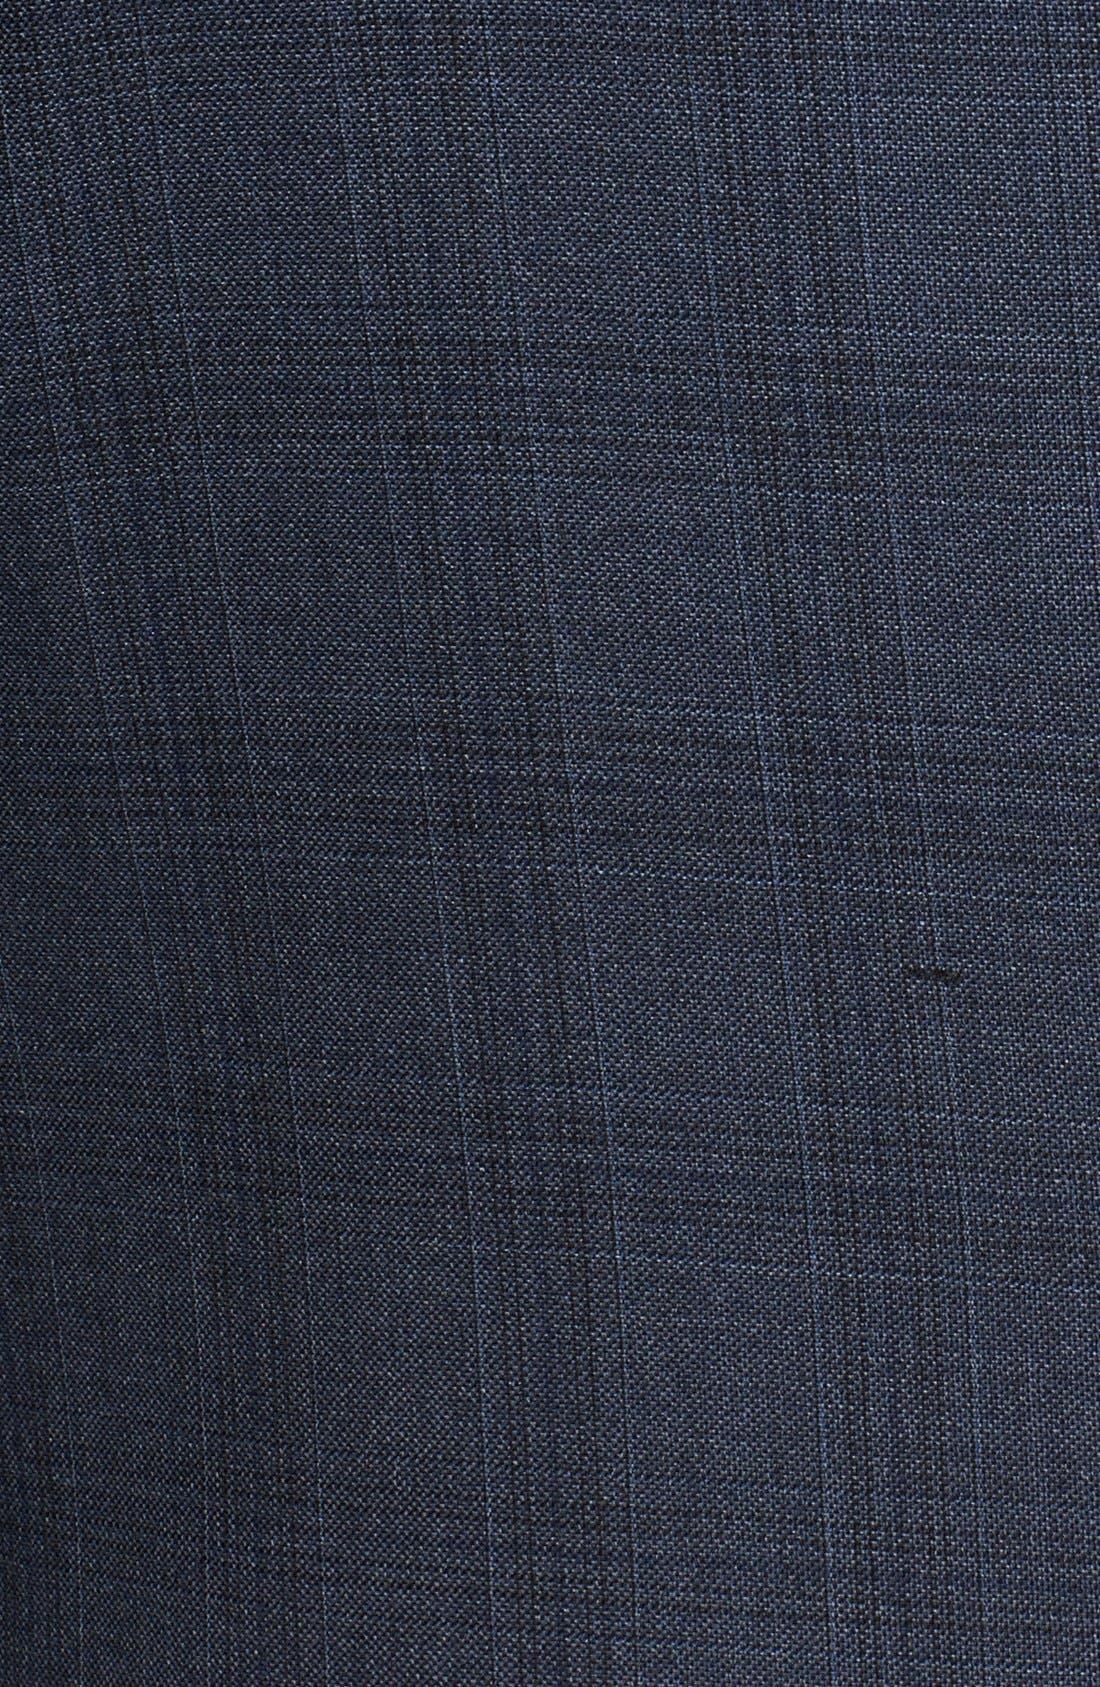 'Byard' Trim Fit Plaid Suit,                             Alternate thumbnail 5, color,                             414